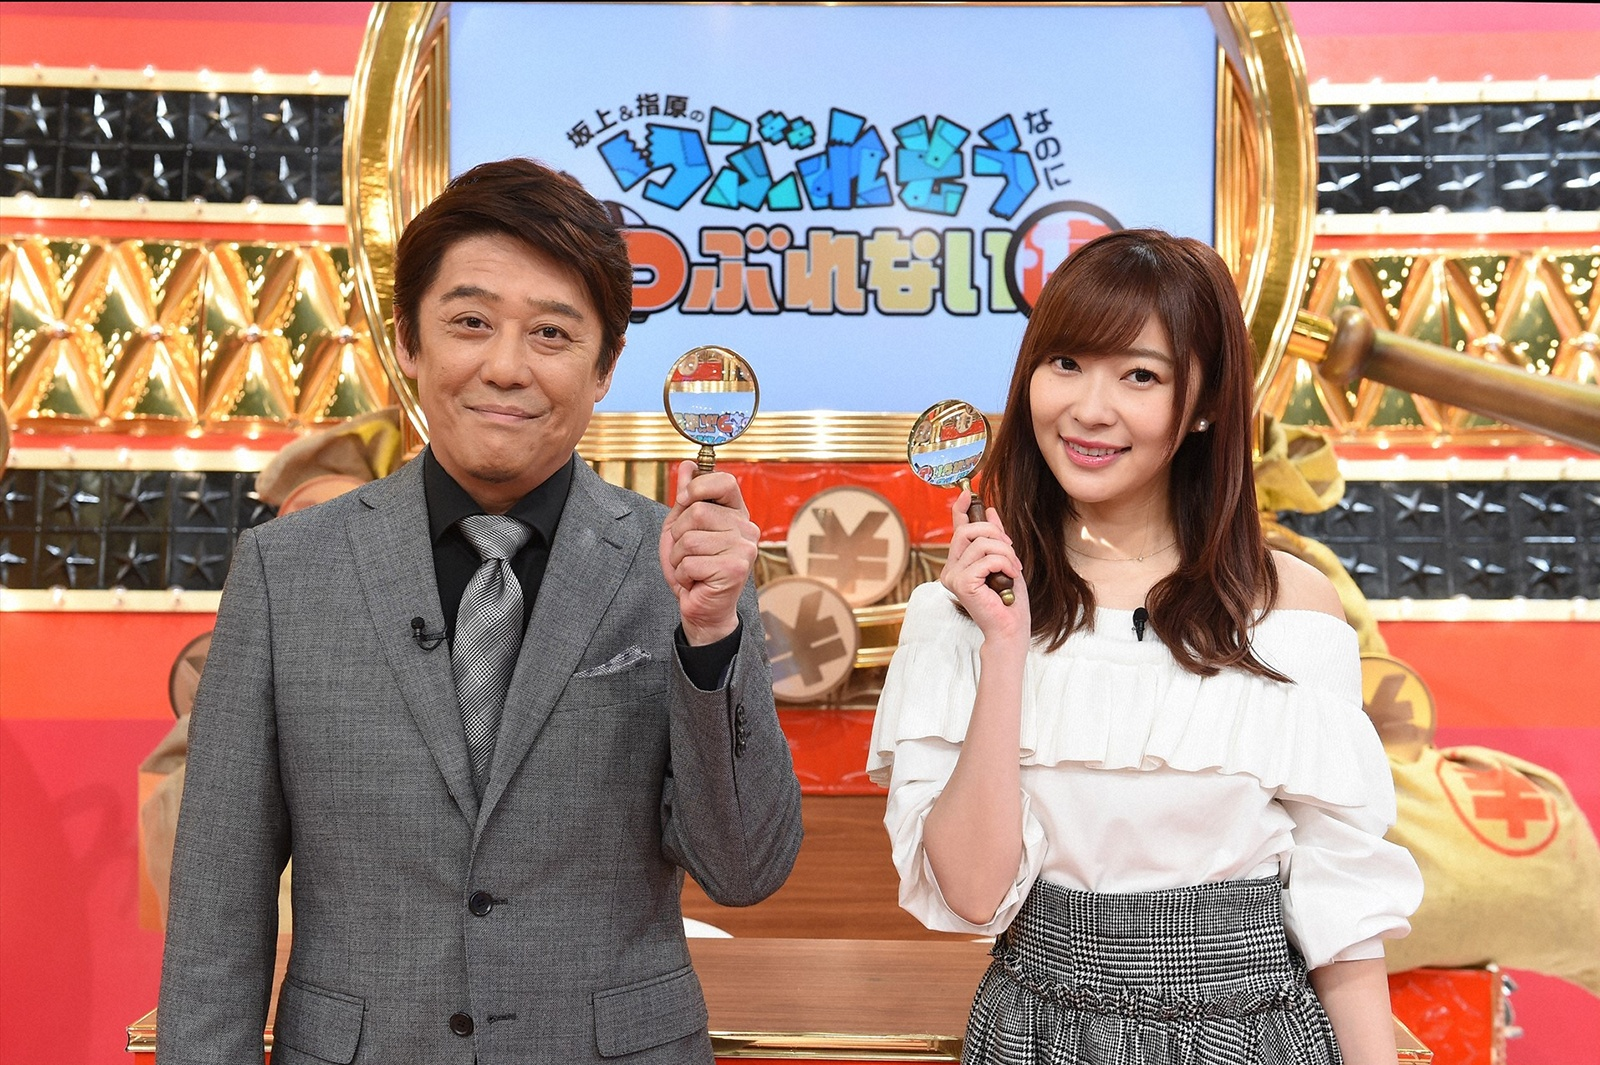 【テレビ】「不快すぎる」坂上忍&指原莉乃、TBS新番組MCに早くもブーイングの嵐wwwwwwwww のサムネイル画像